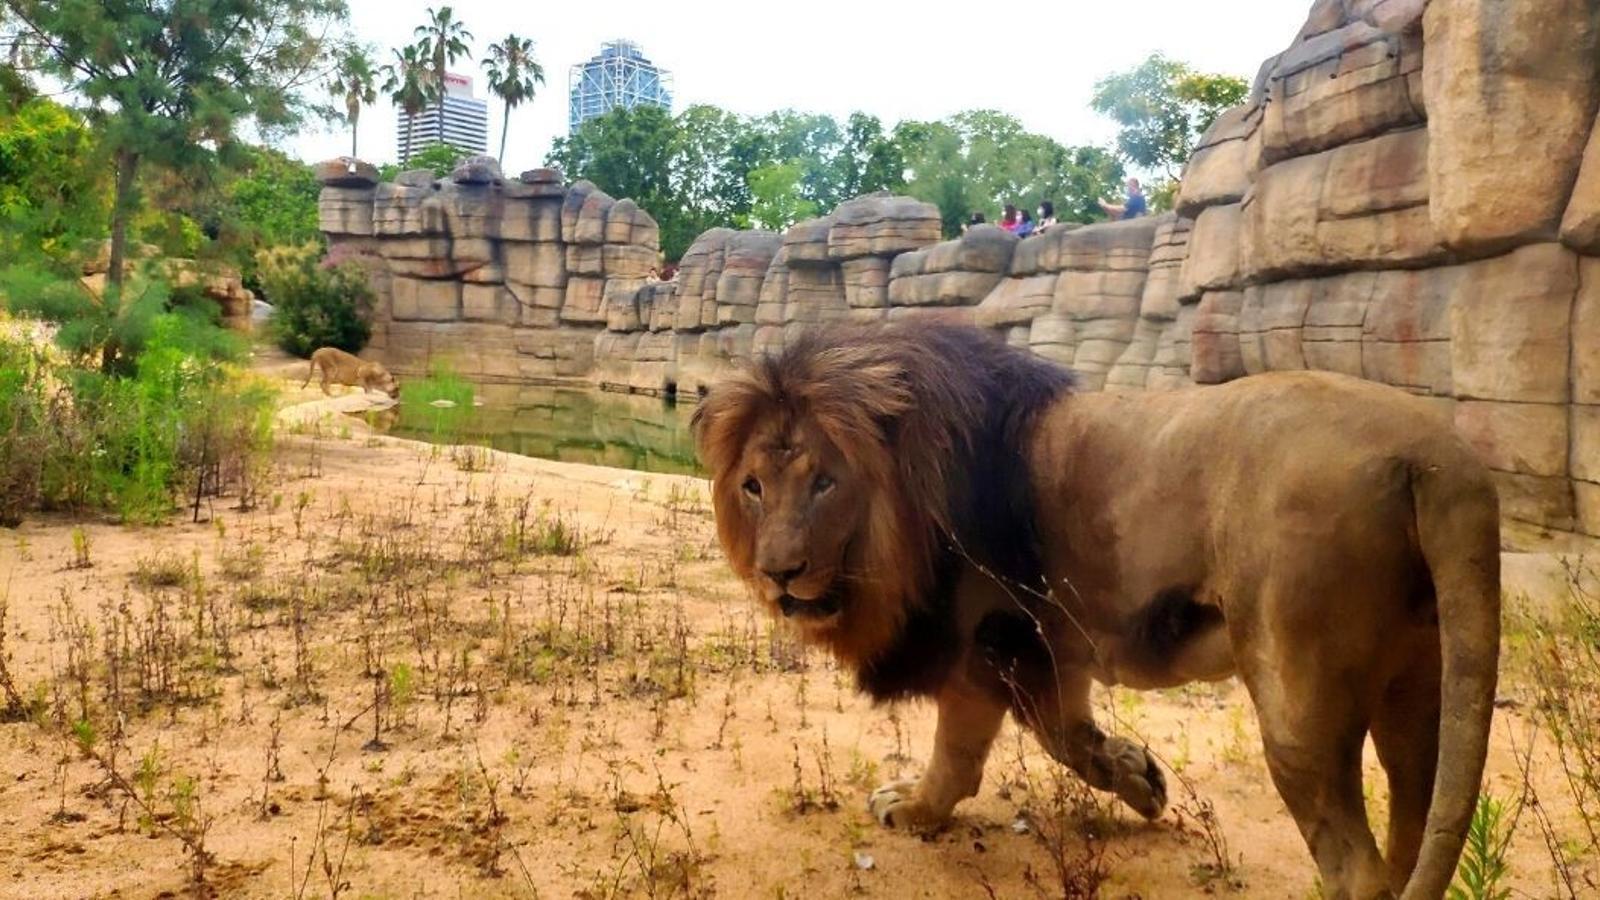 Els quatre lleons del zoo de Barcelona han passat el covid. A la imatge, un lleó.